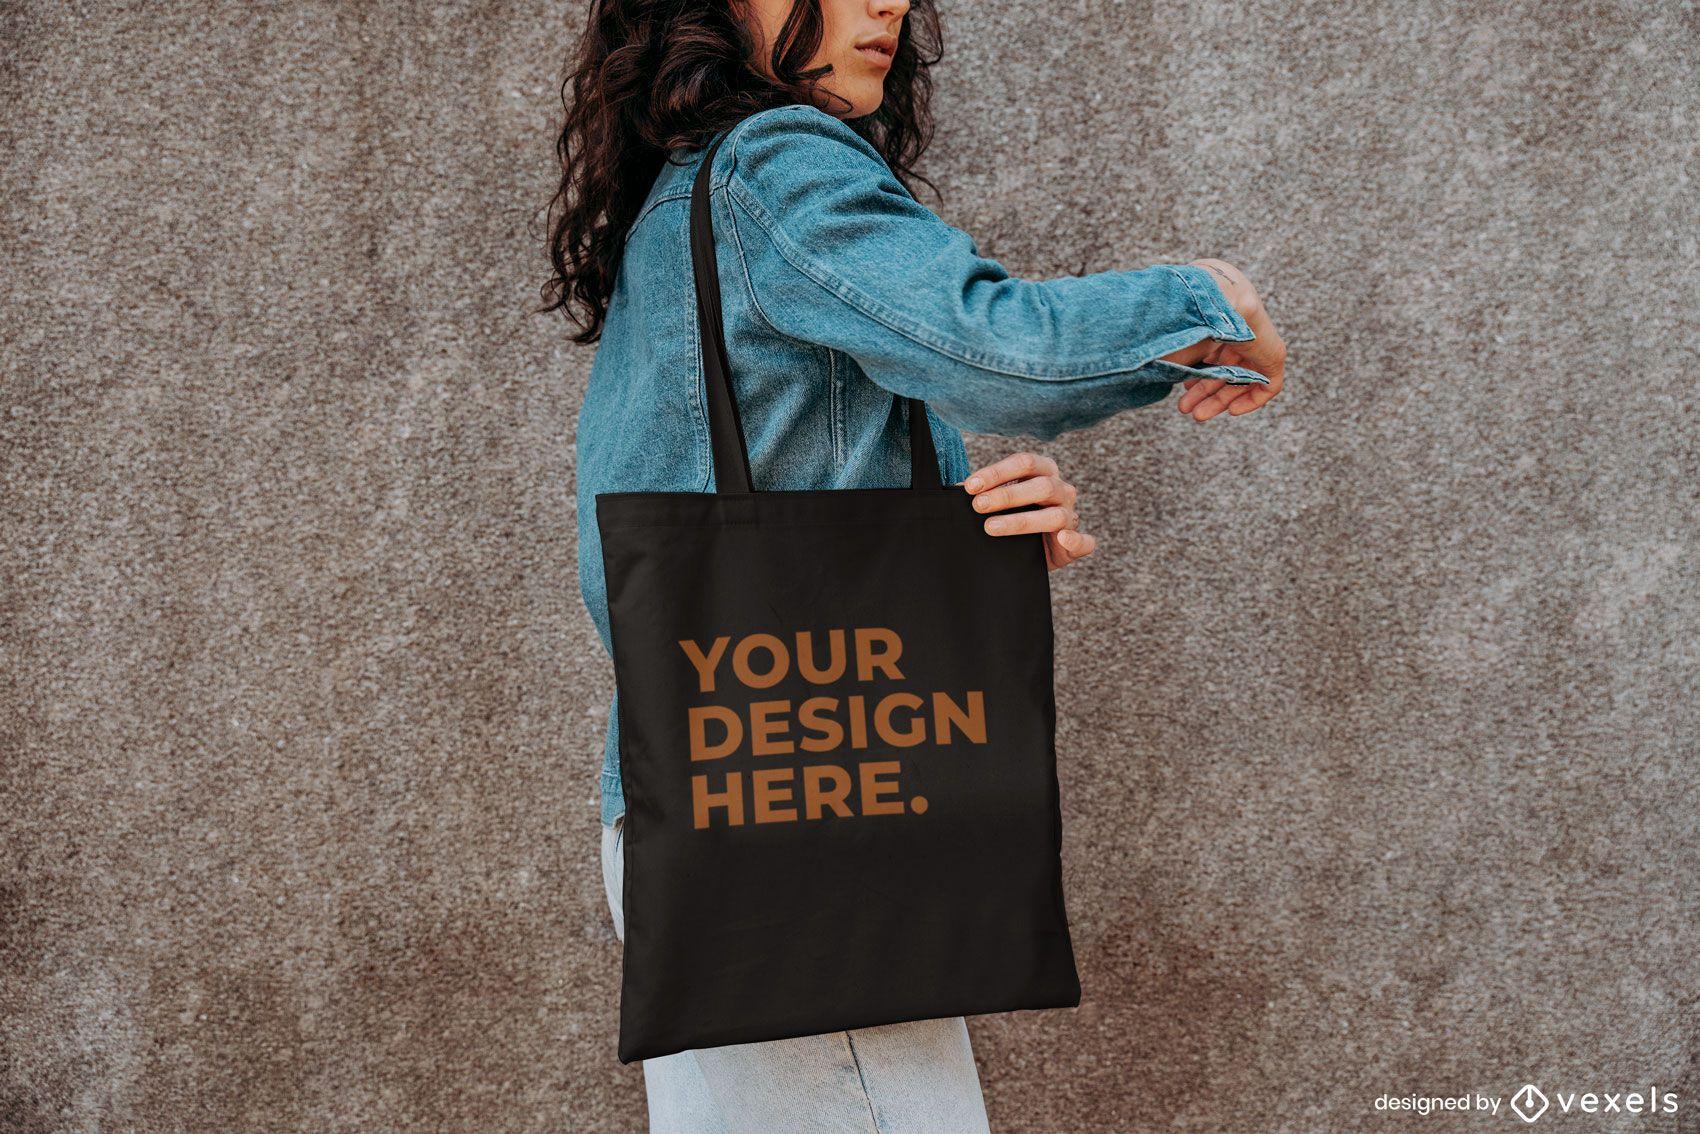 Diseño de maqueta exterior modelo de bolso de mano